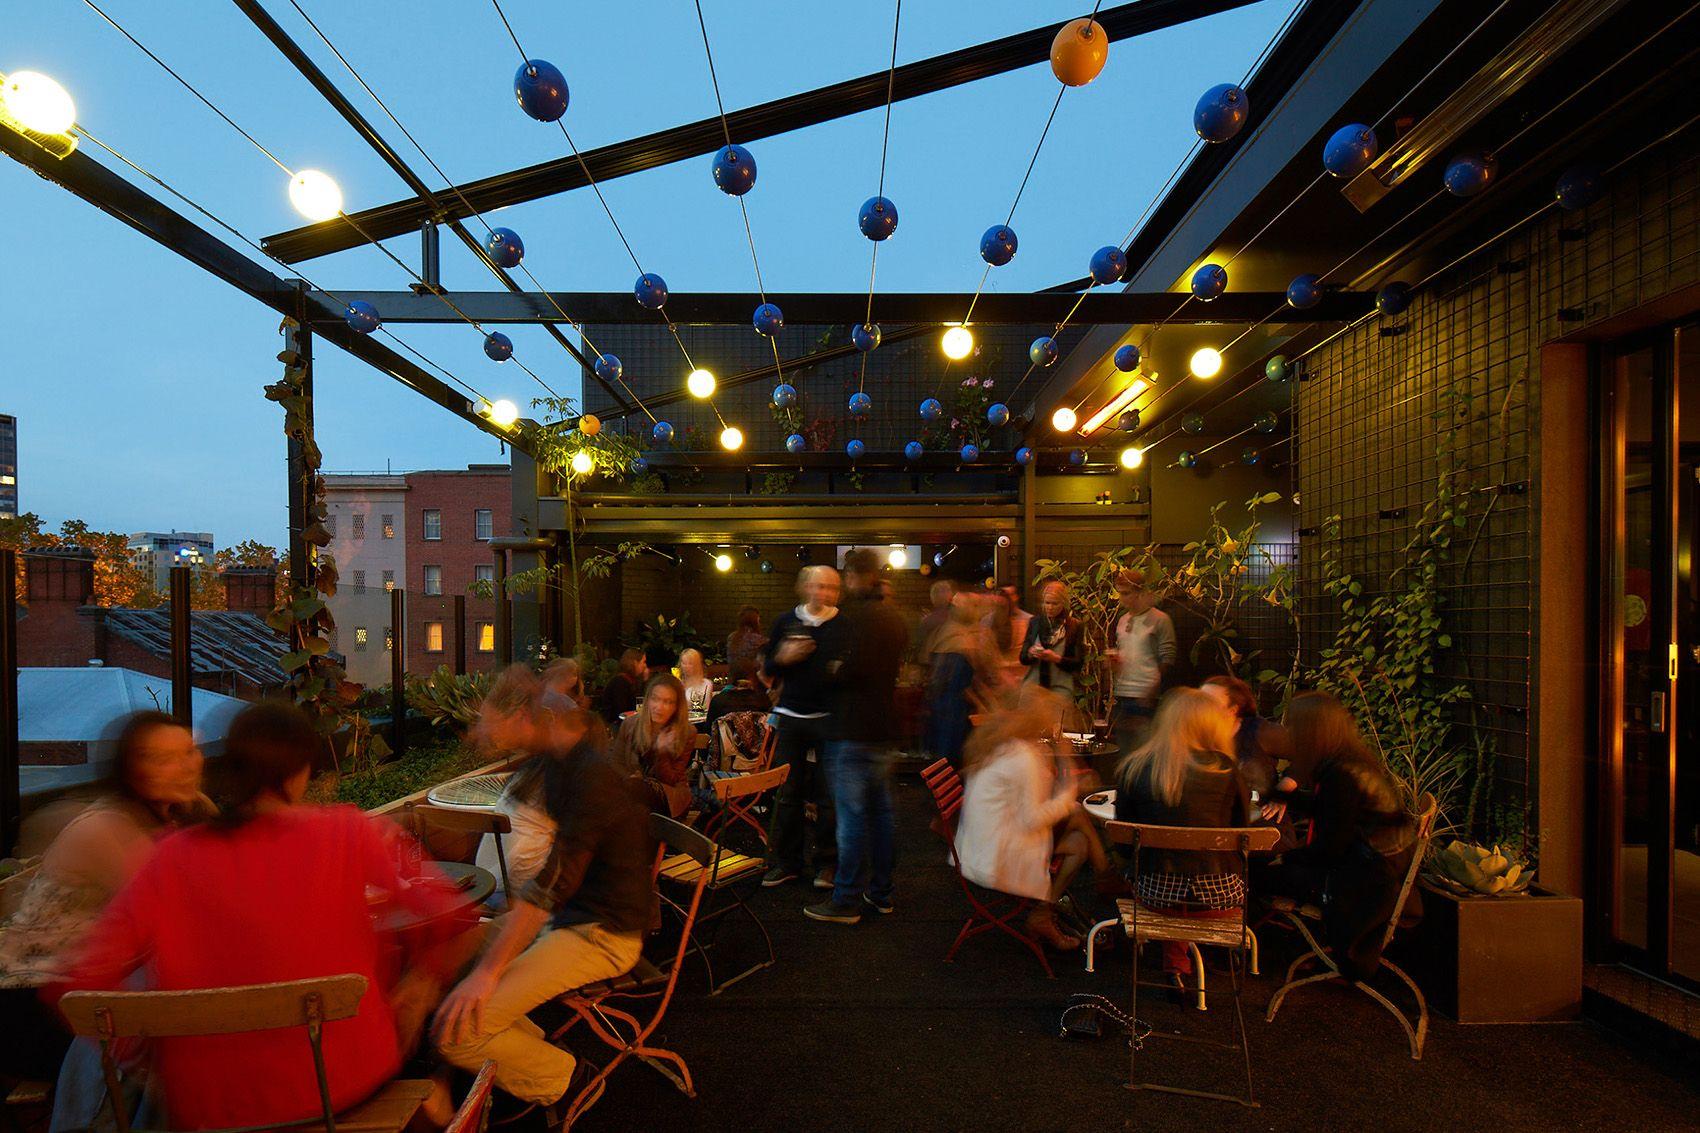 Gallery - Loop Roof Rooftop Cocktail Bar & Garden Melbourne | Rooftop Bar, Best Rooftop Bars, Rooftop